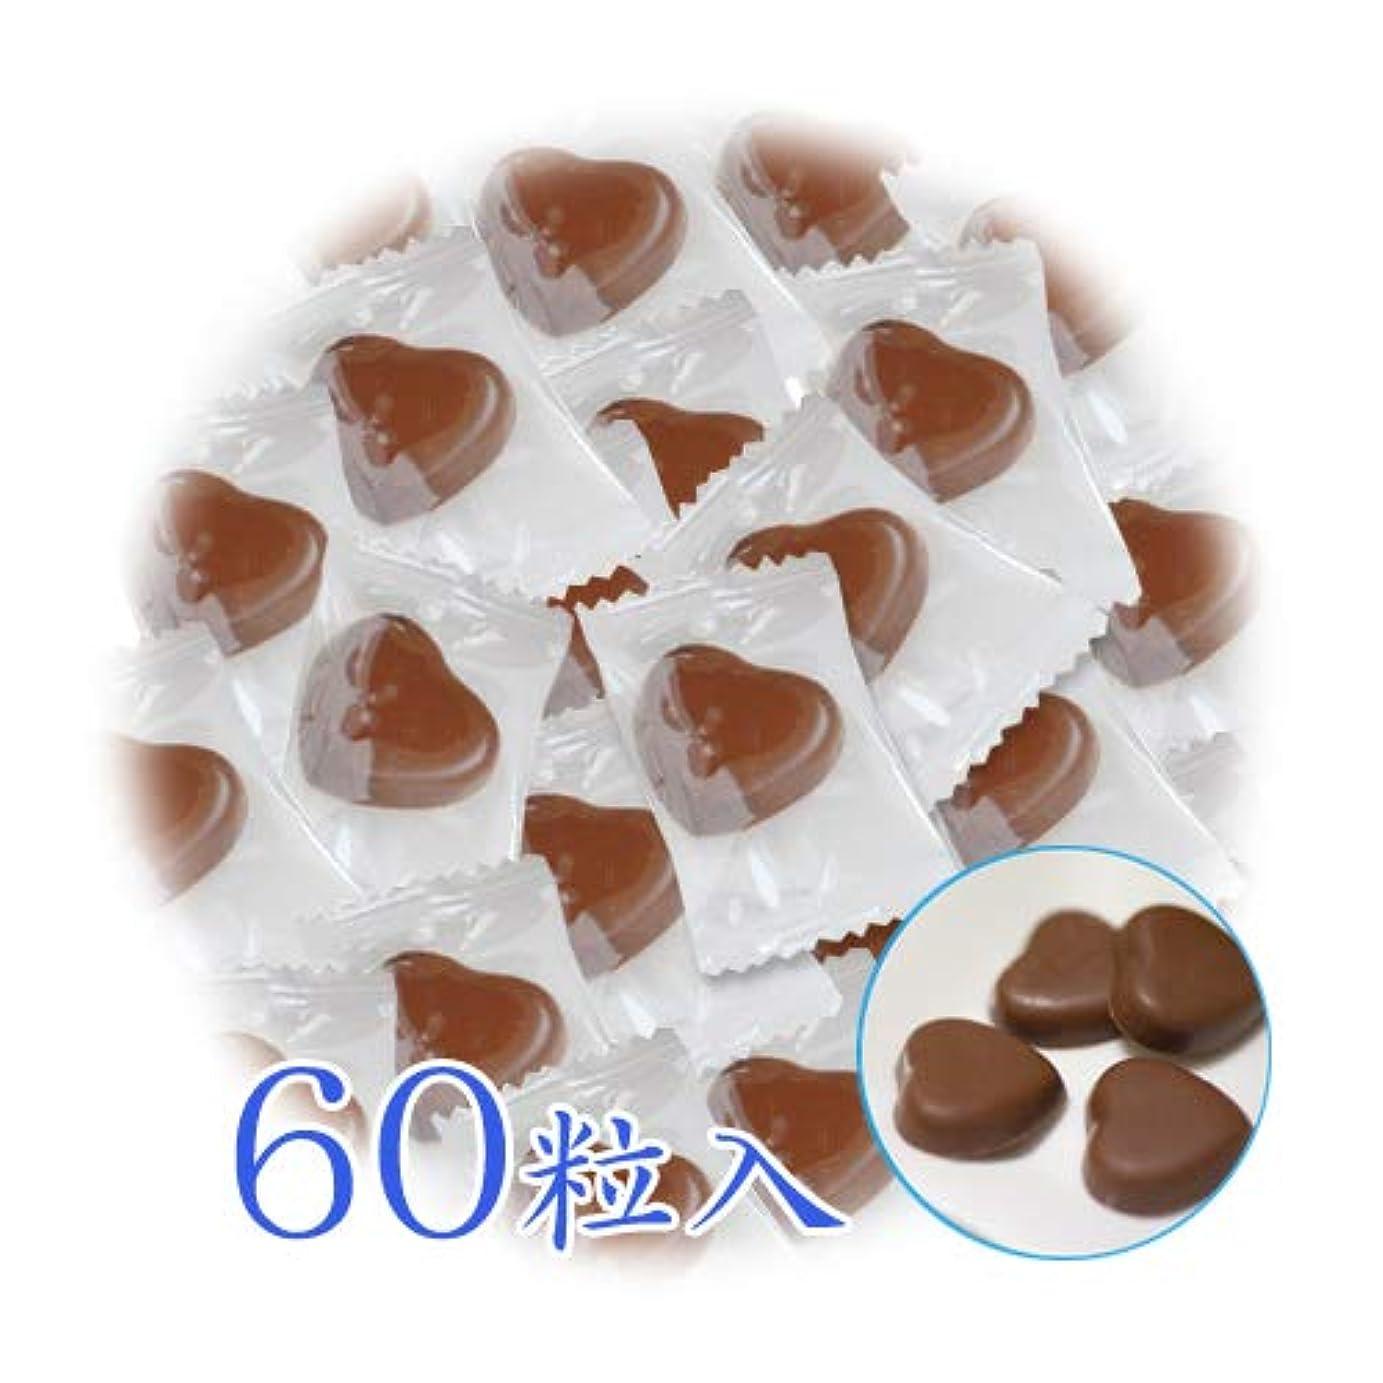 通路オートメーション始めるキシリトール 100% キシリの力 チョコレート 箱なし 個包装 3g×60粒